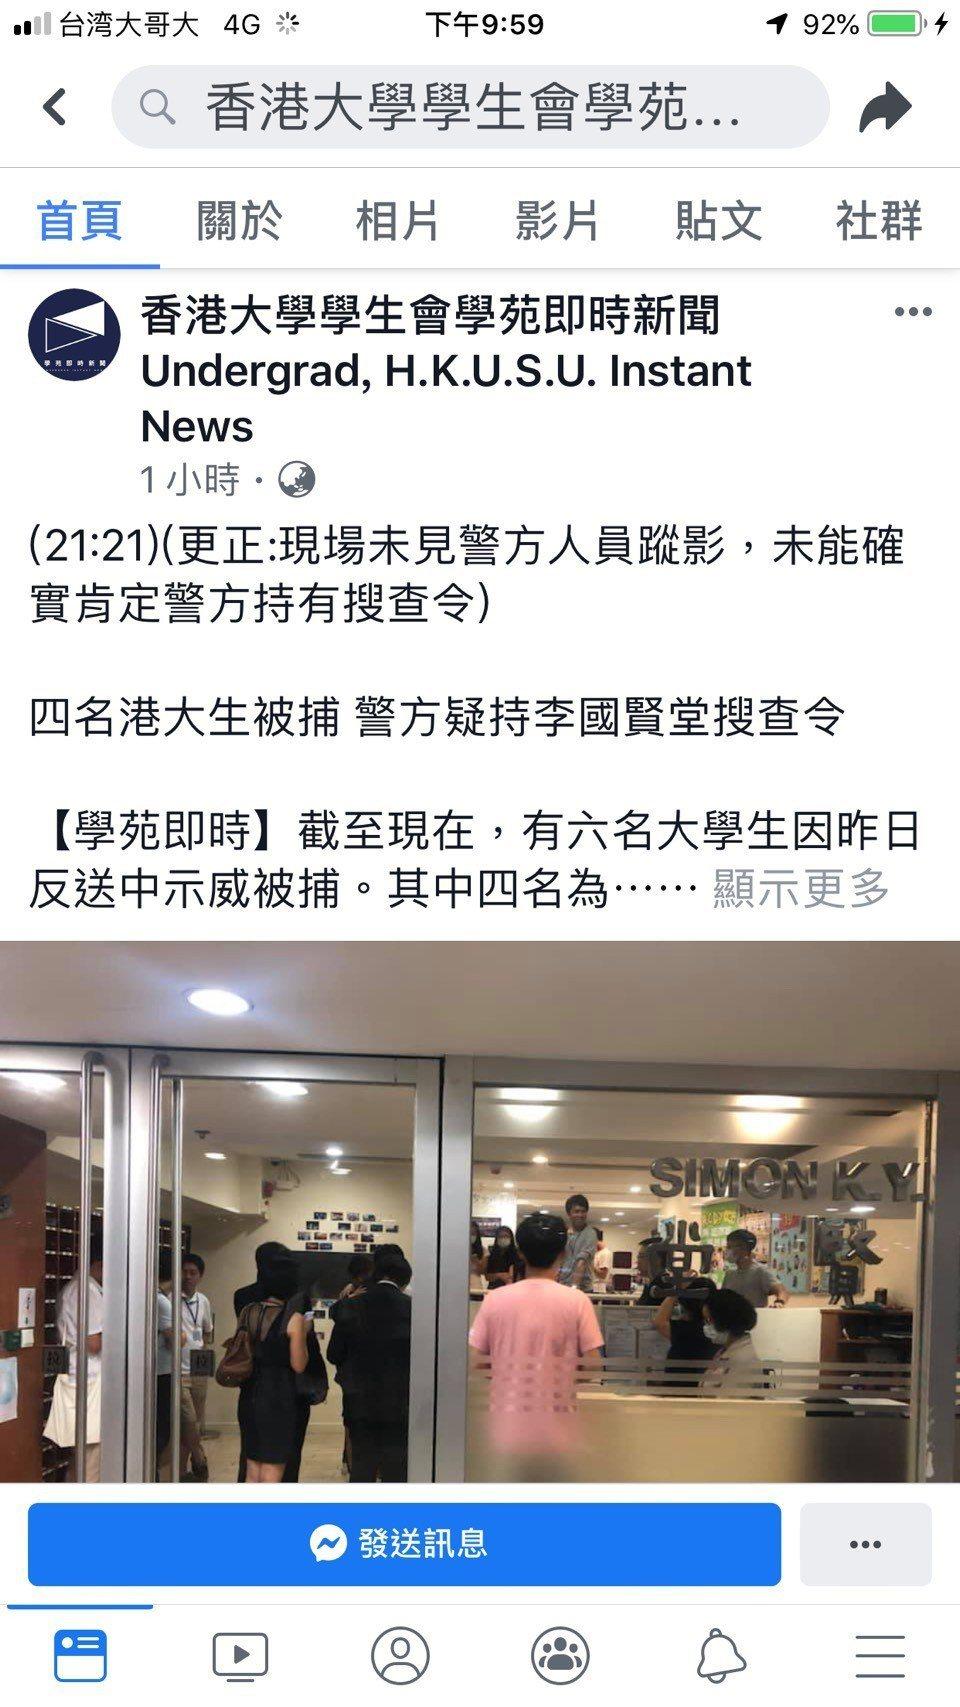 根據「香港大學學生會學苑即時新聞」的直播消息,截至目前有6名大學生因昨日反送中示...